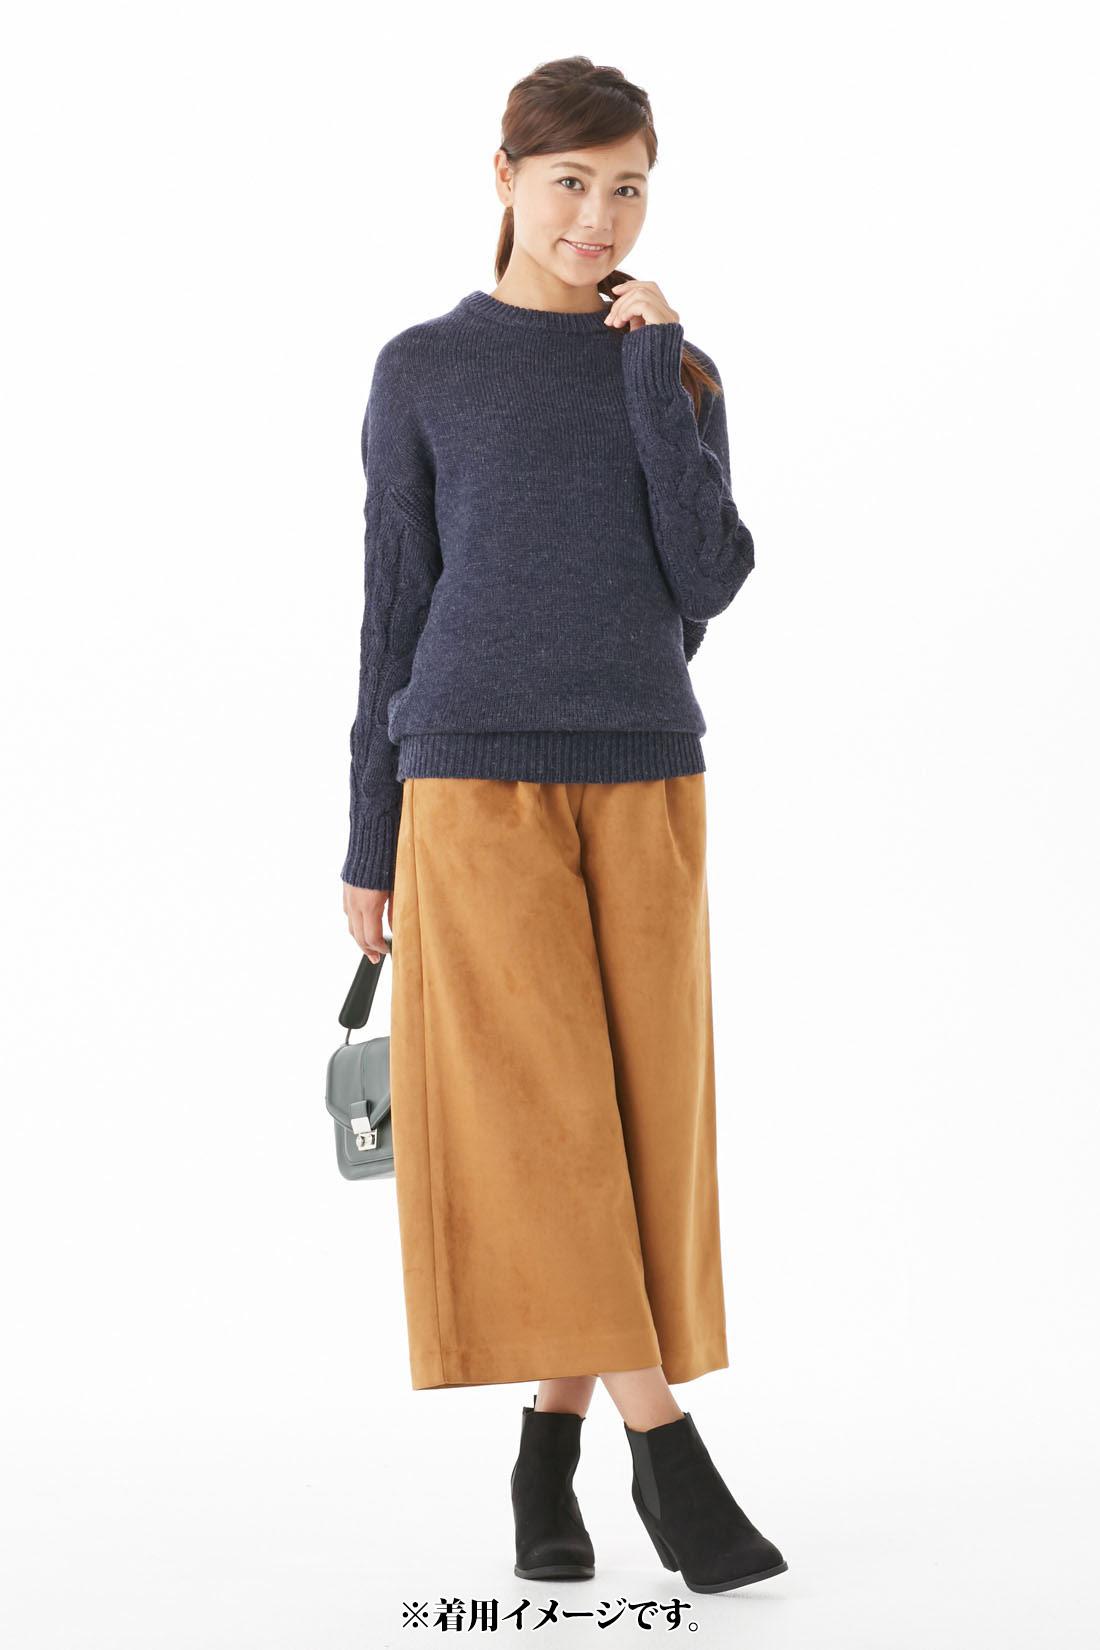 凛と上品な印象の【杢ネイビー】 一枚でも着やすいほどよい開きのネック。